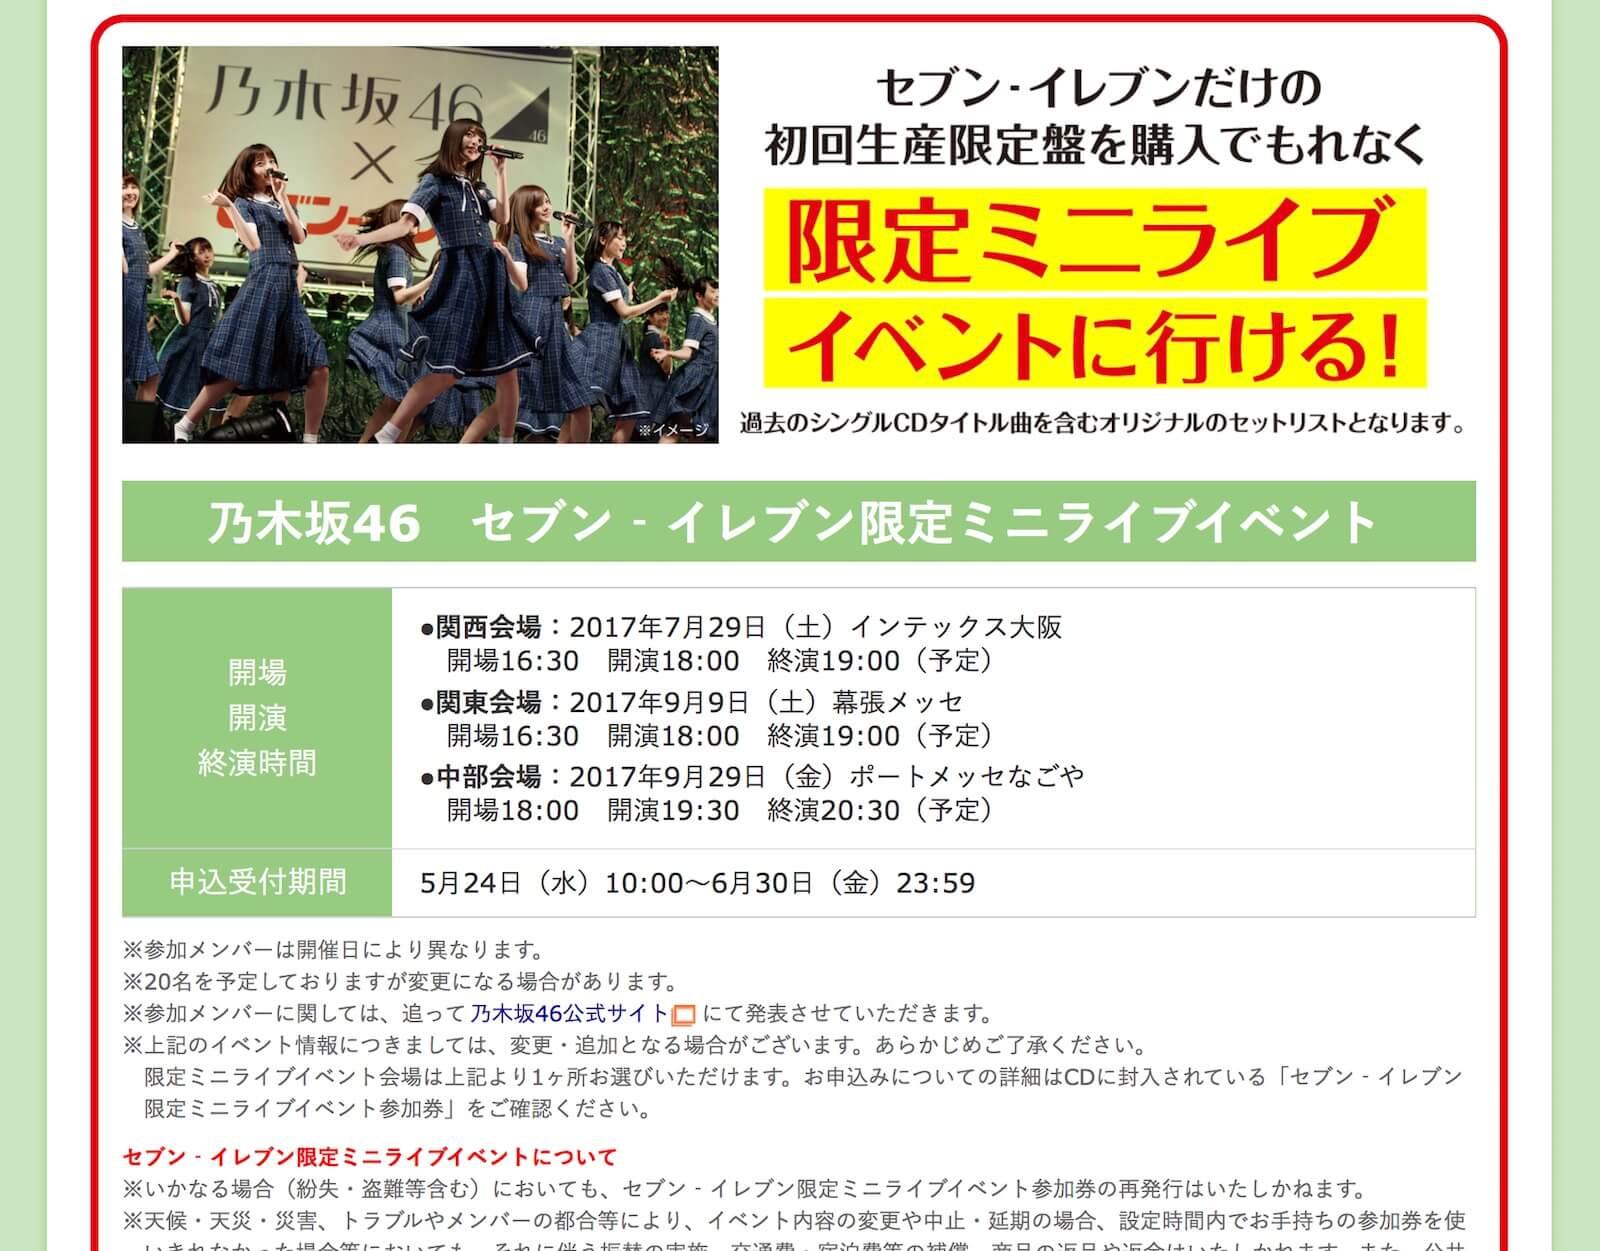 乃木坂46 3rdアルバム|セブン‐イレブン~近くて便利~